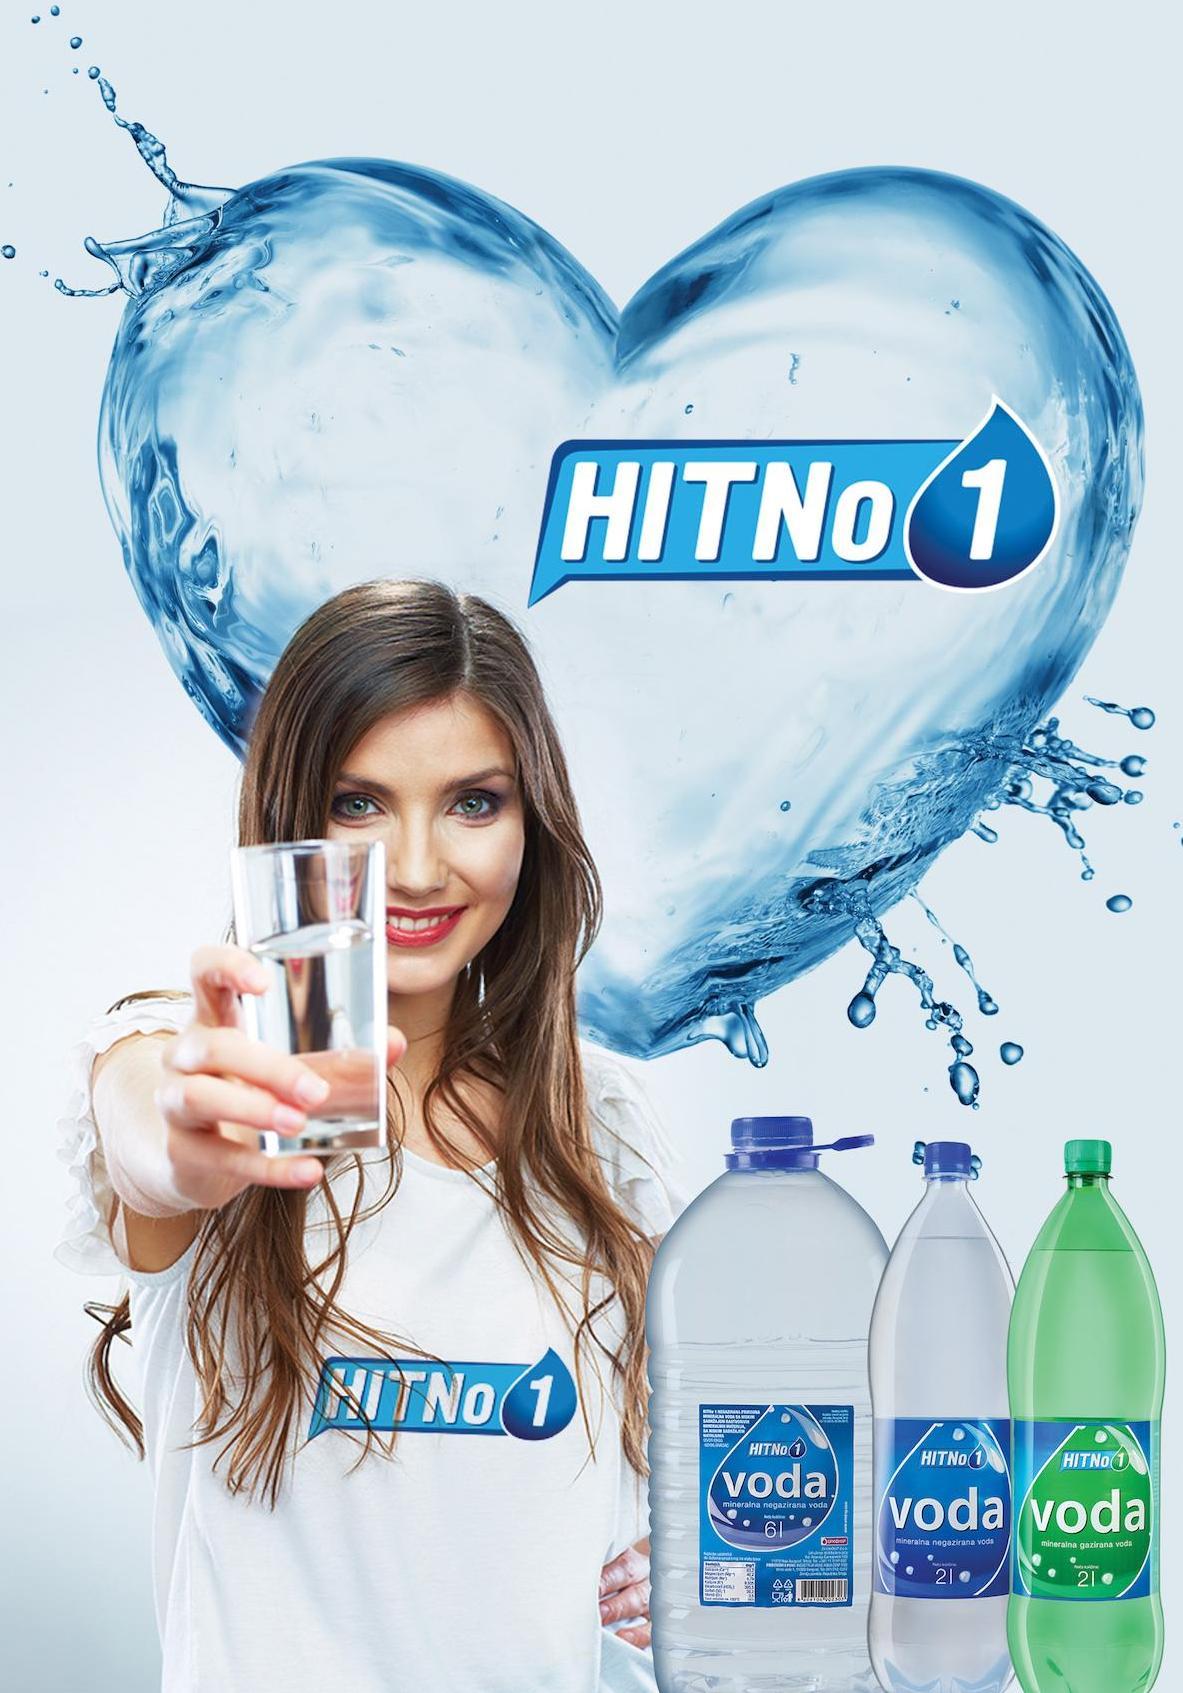 hitno-voda1